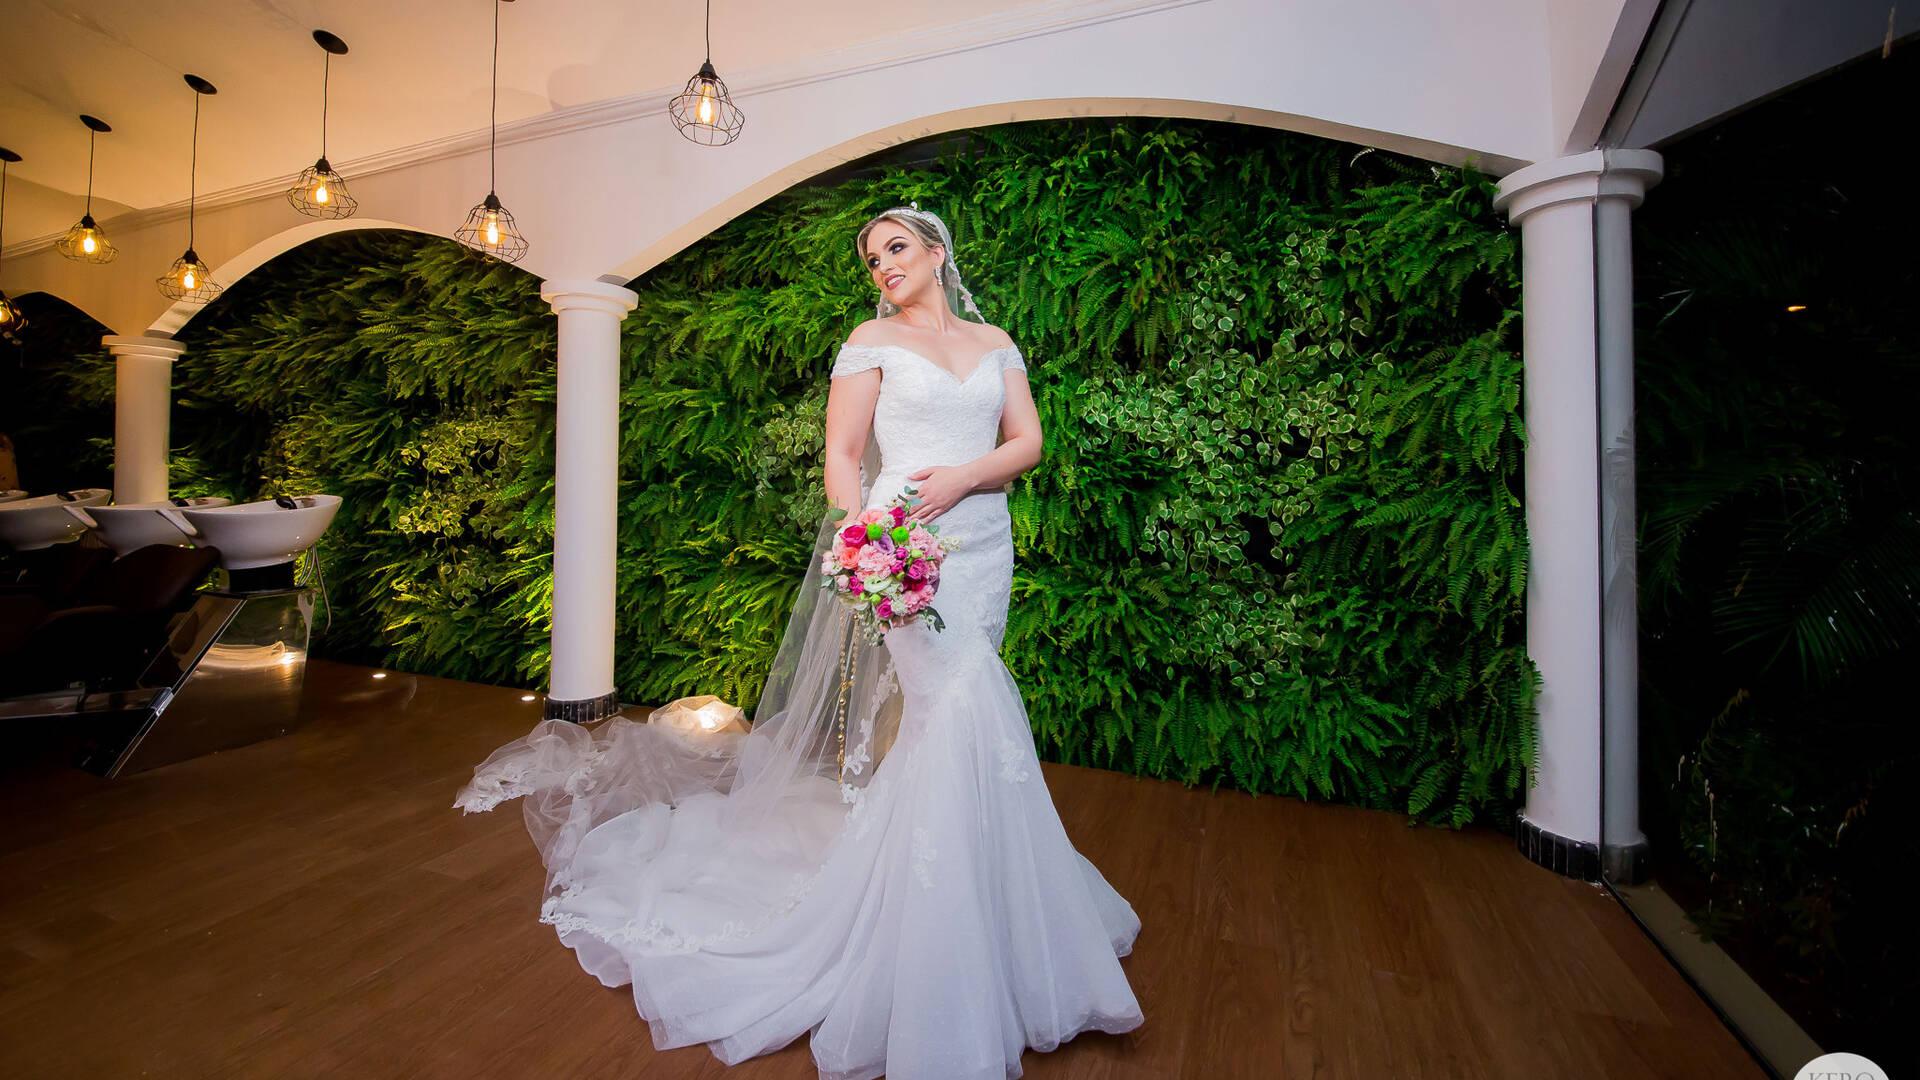 Casamentos de Noiva Monique Seibt